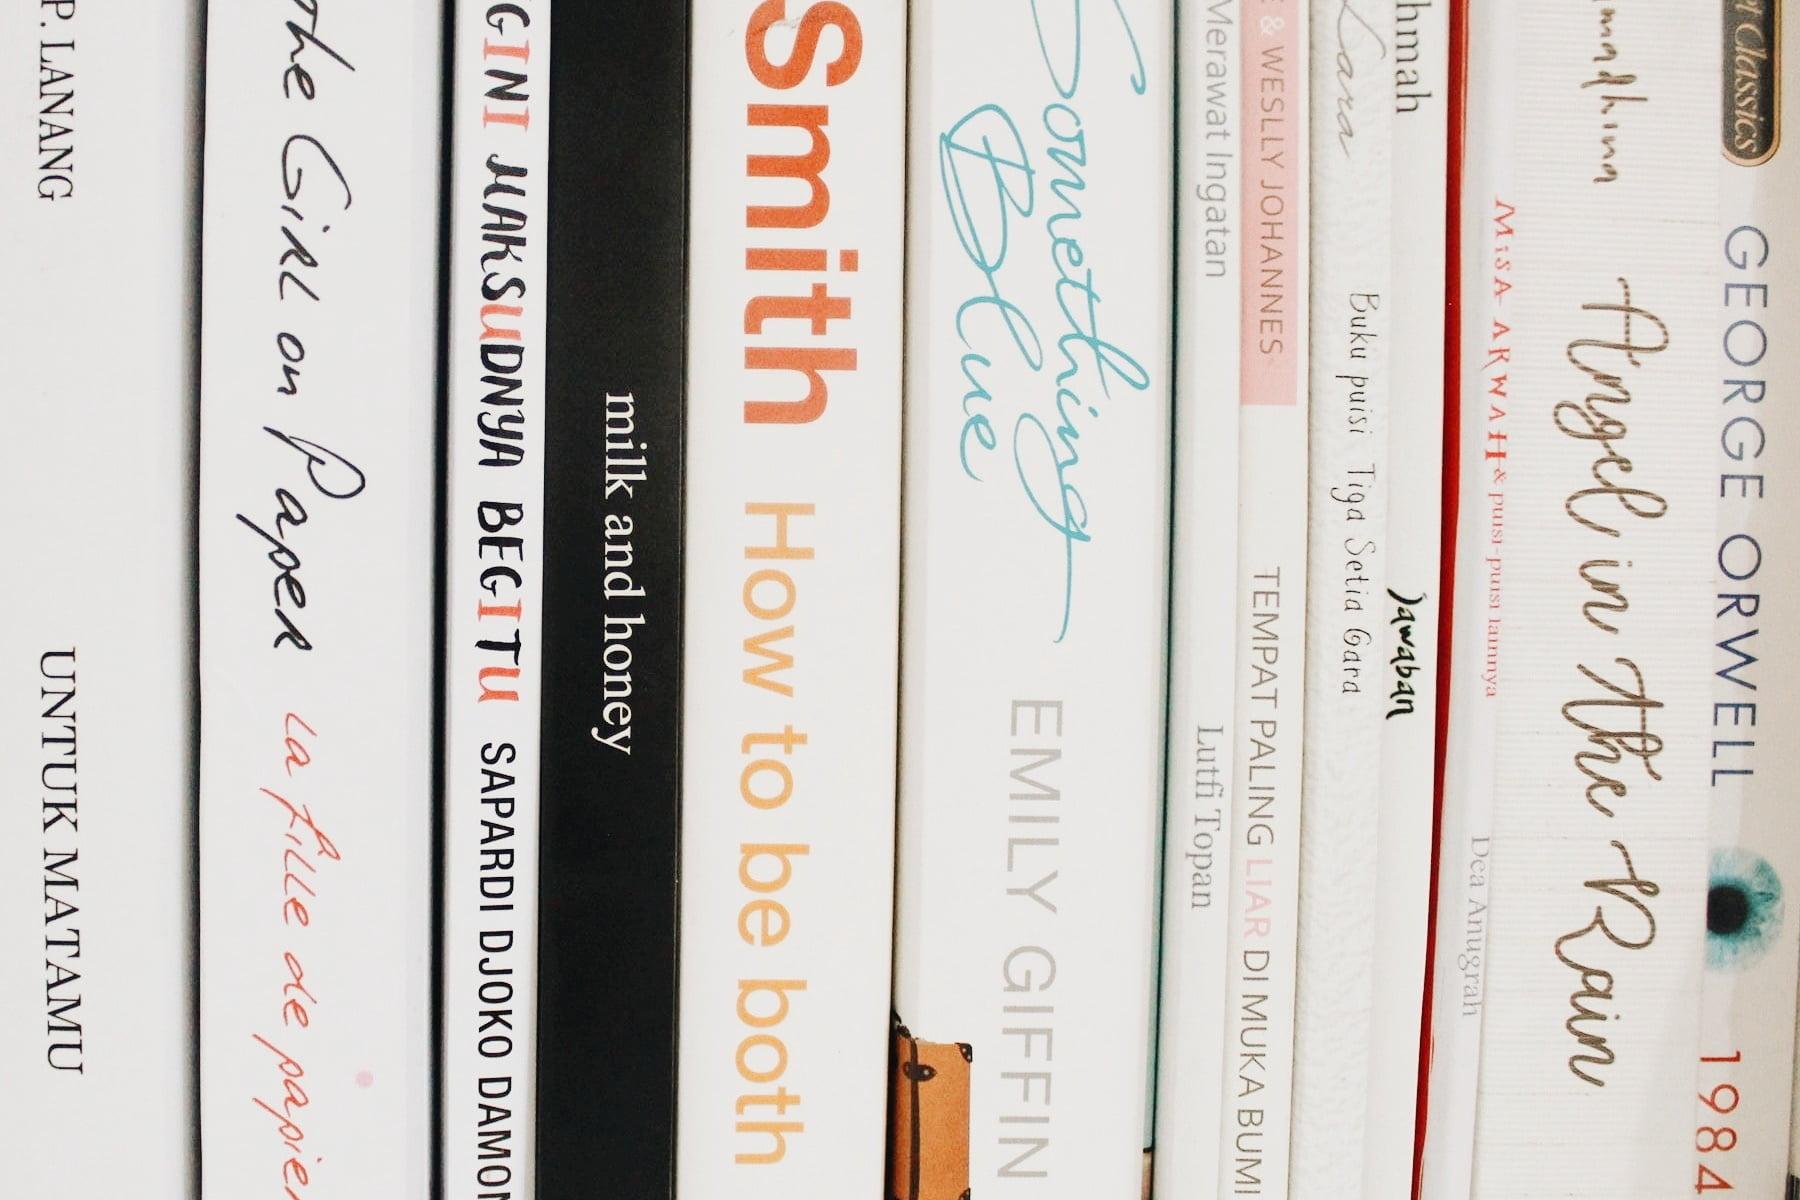 Cara Mudah Menemukan Buku yang Sedang Diskon di Toko Online (2)